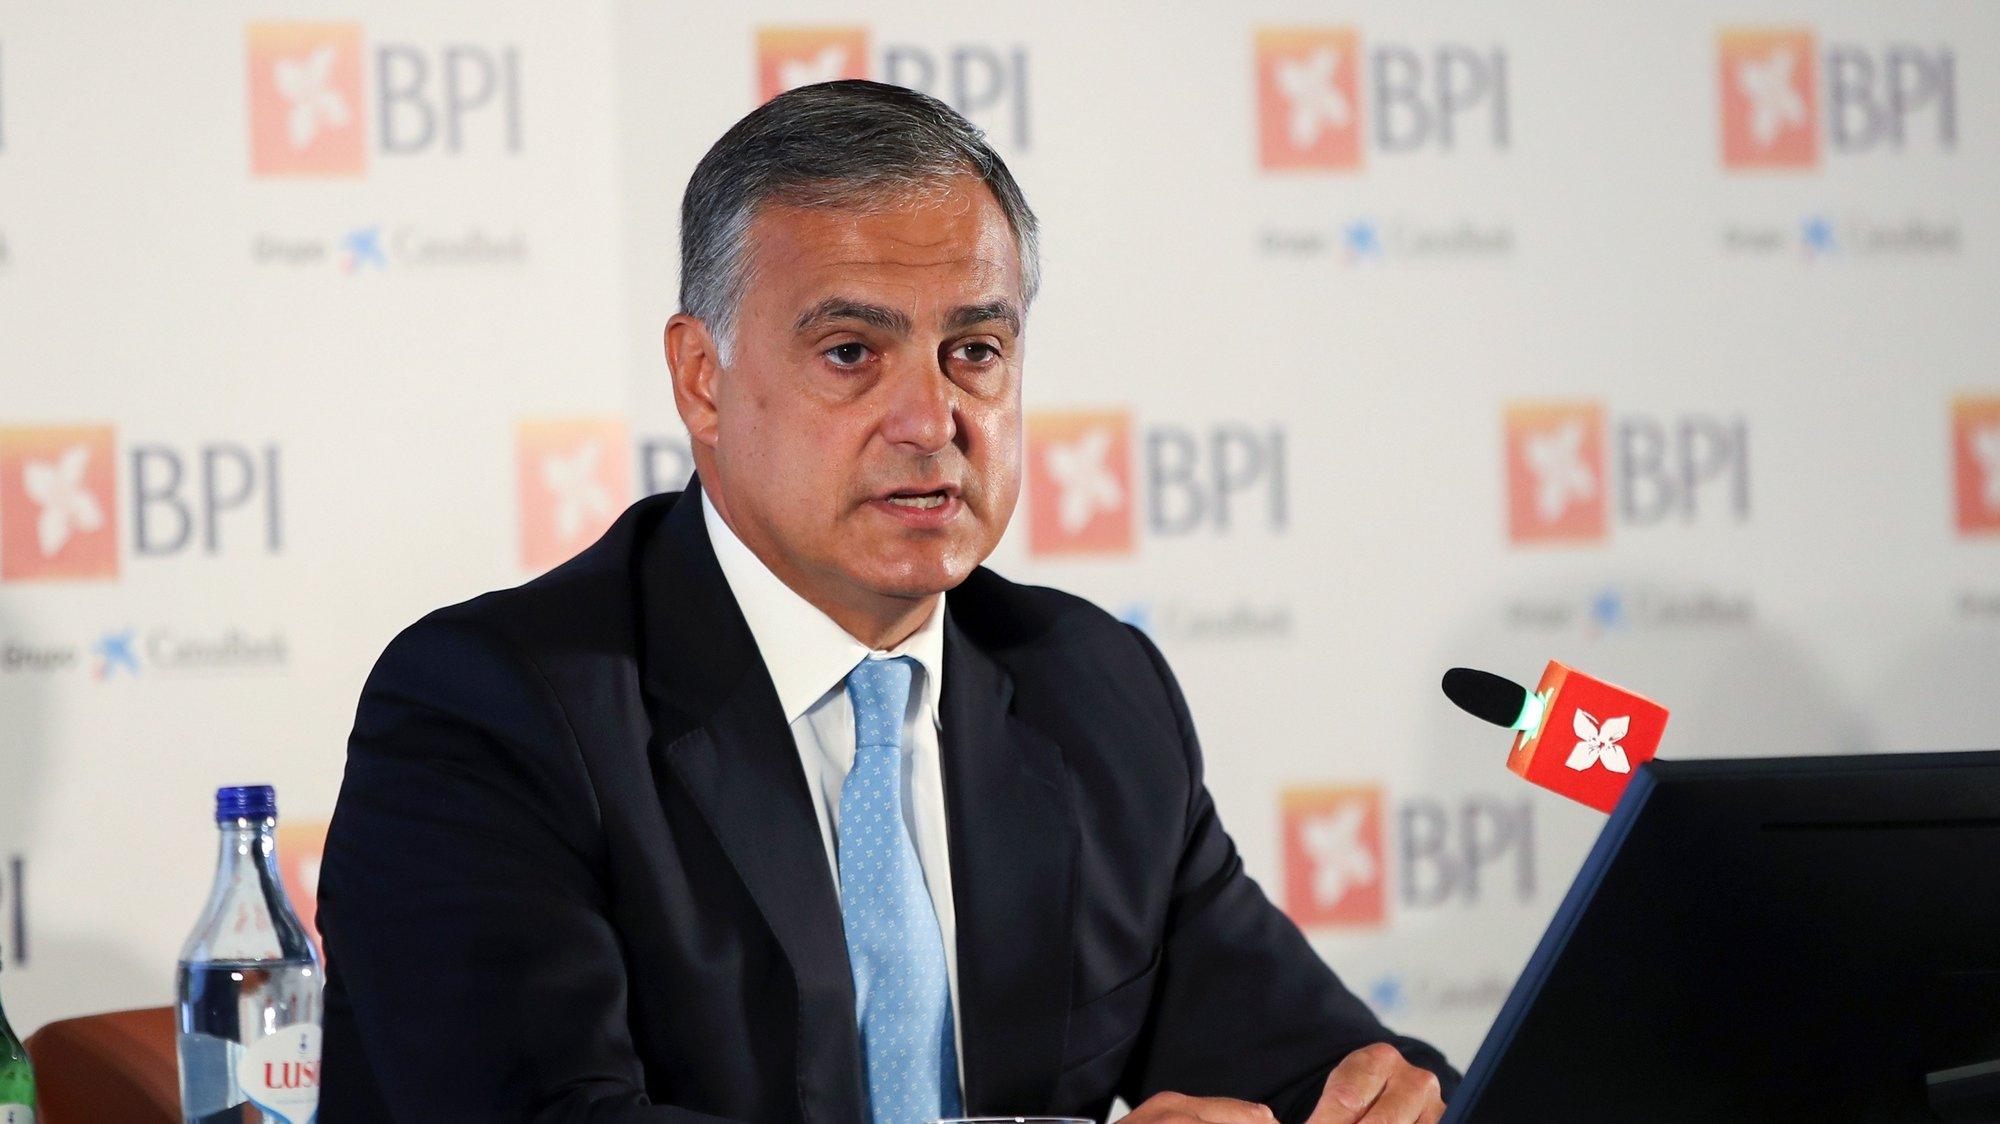 O presidente da Comissão Executiva do BPI, João Pedro Oliveira e Costa, durante a em conferência de imprensa para a apresentação de resultados do 3.º trimestre de 2020, em Lisboa, 03 de novembro de 2020. MANUEL DE ALMEIDA/LUSA